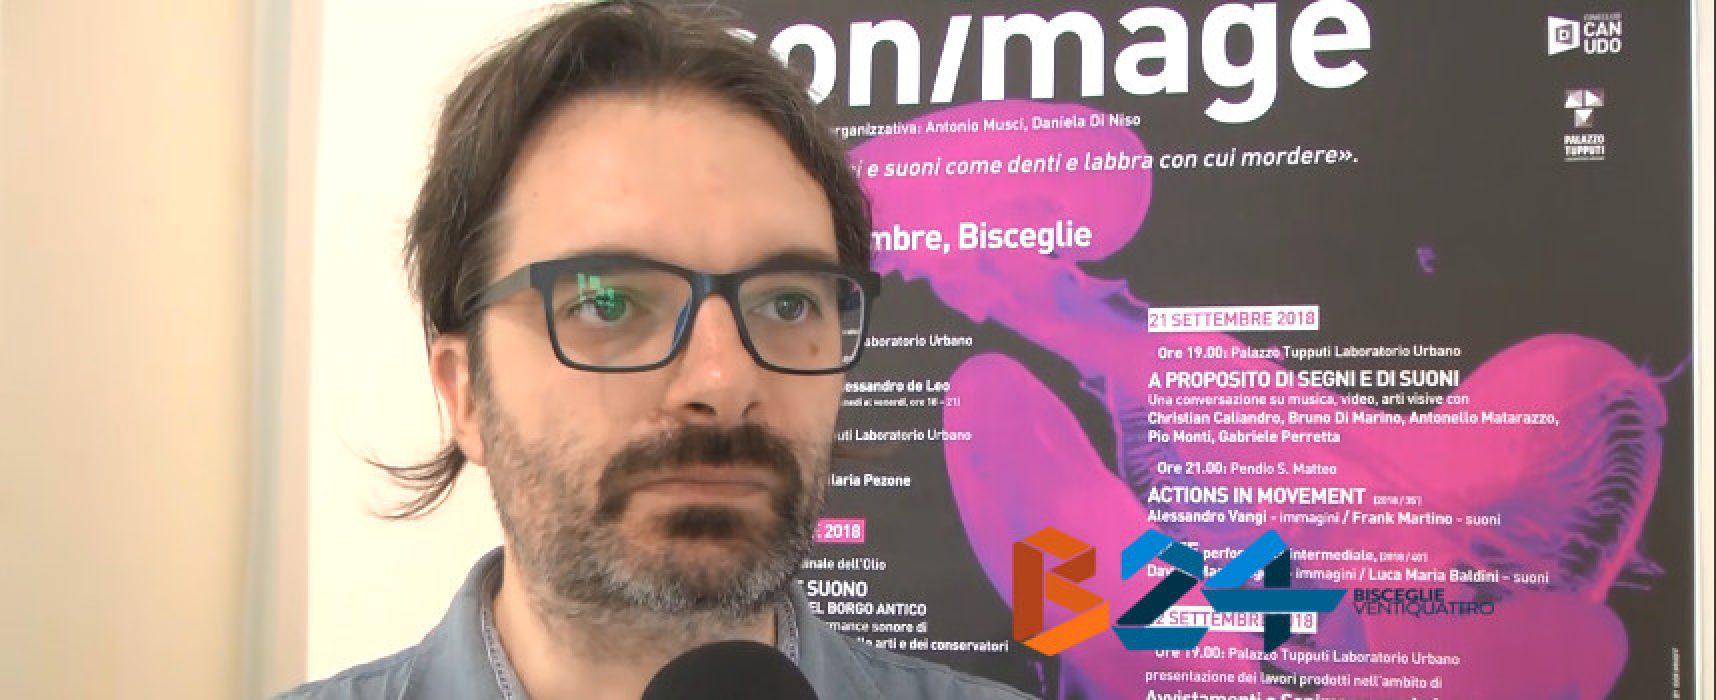 Al via Sonimage, rassegna di suoni ed immagini: l'intervista al direttore artistico / VIDEO